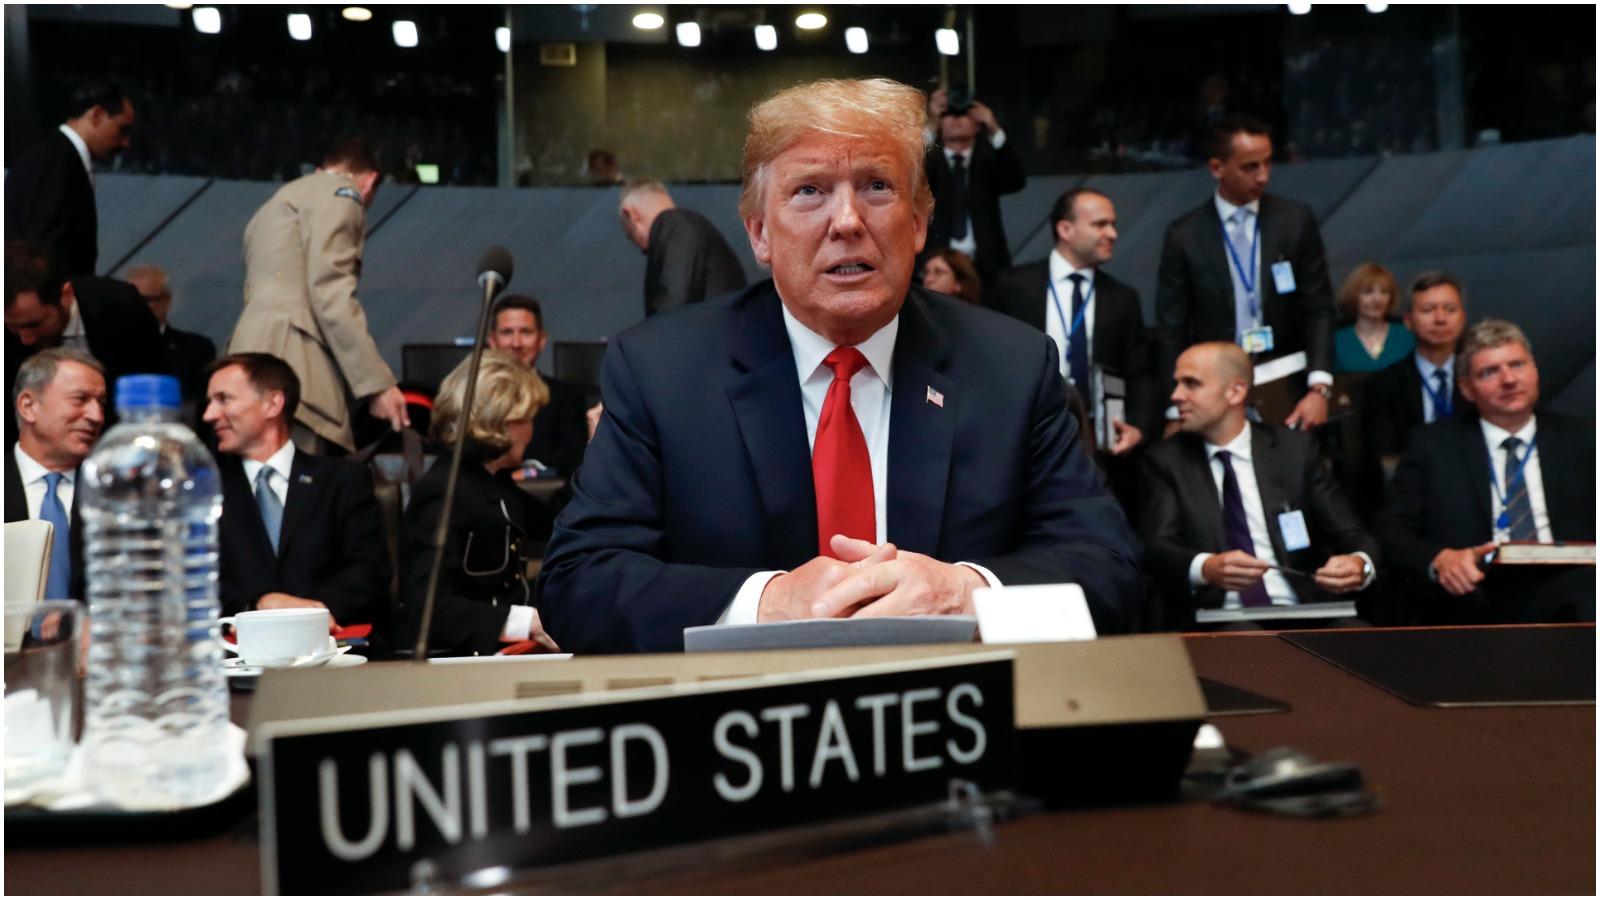 Sten Rynning i RÆSON35: Ja, præsidenten skaber uhørt kaos. Men:  Trump er ikke årsagen til NATO's dilemmaer